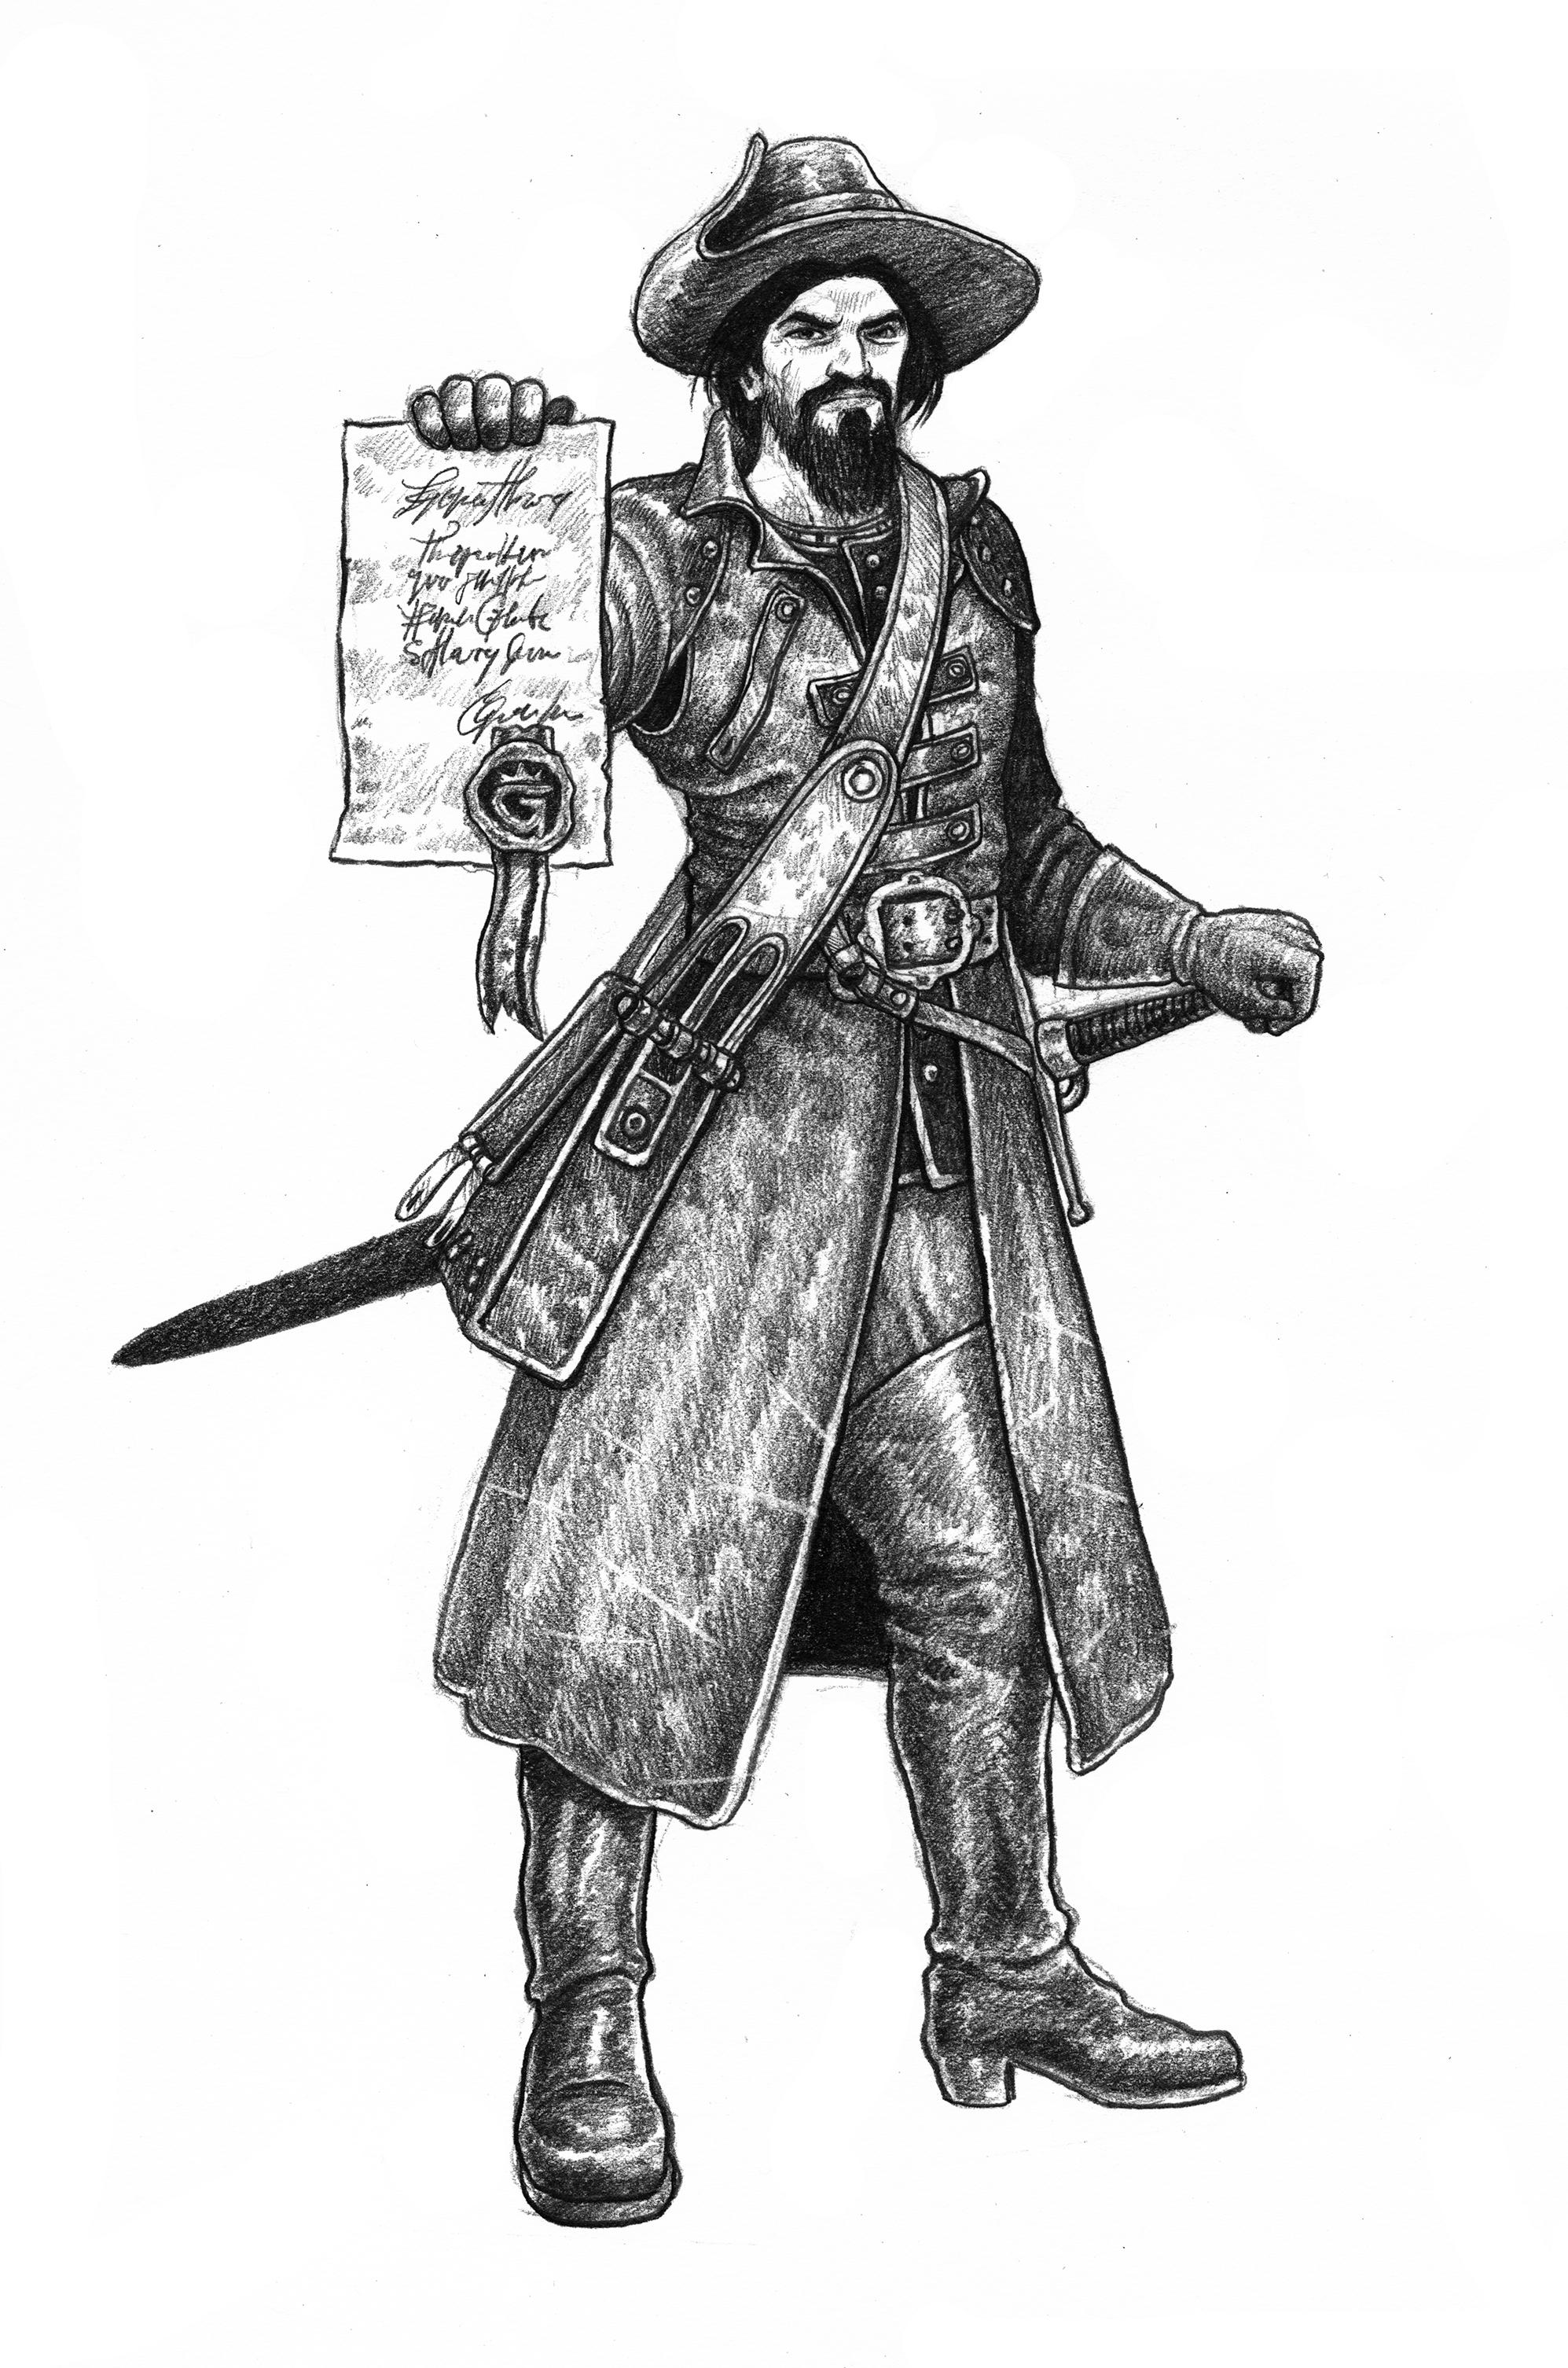 ZWEIHÄNDER Grim & Perilous RPG: Baillif (Image: Grim & Perilous Studios)